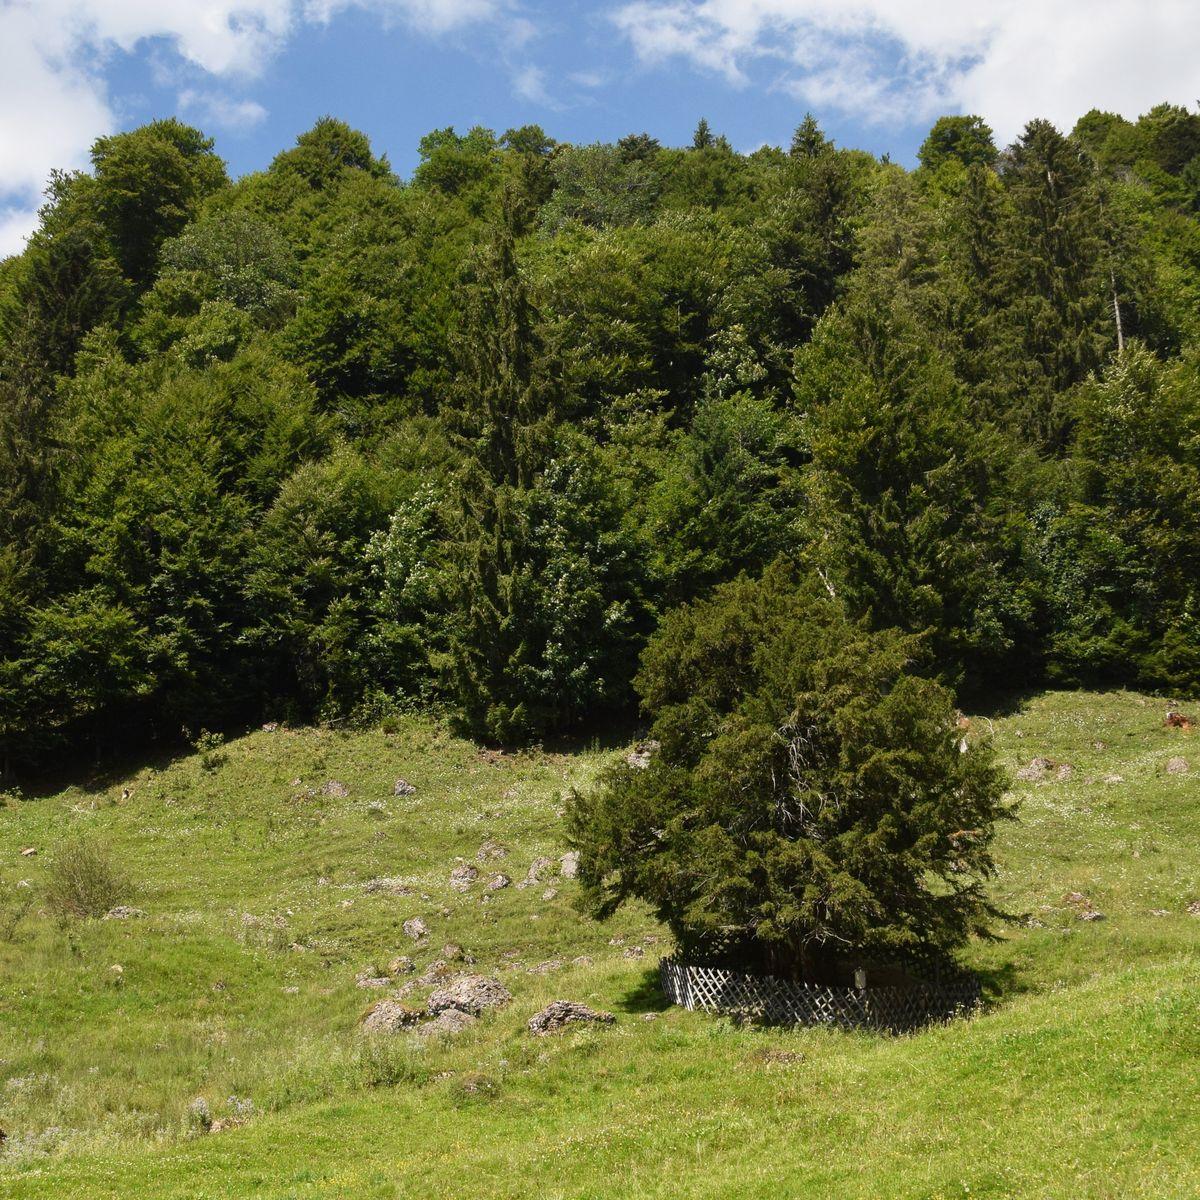 Die alte Eibe in Balderschwang